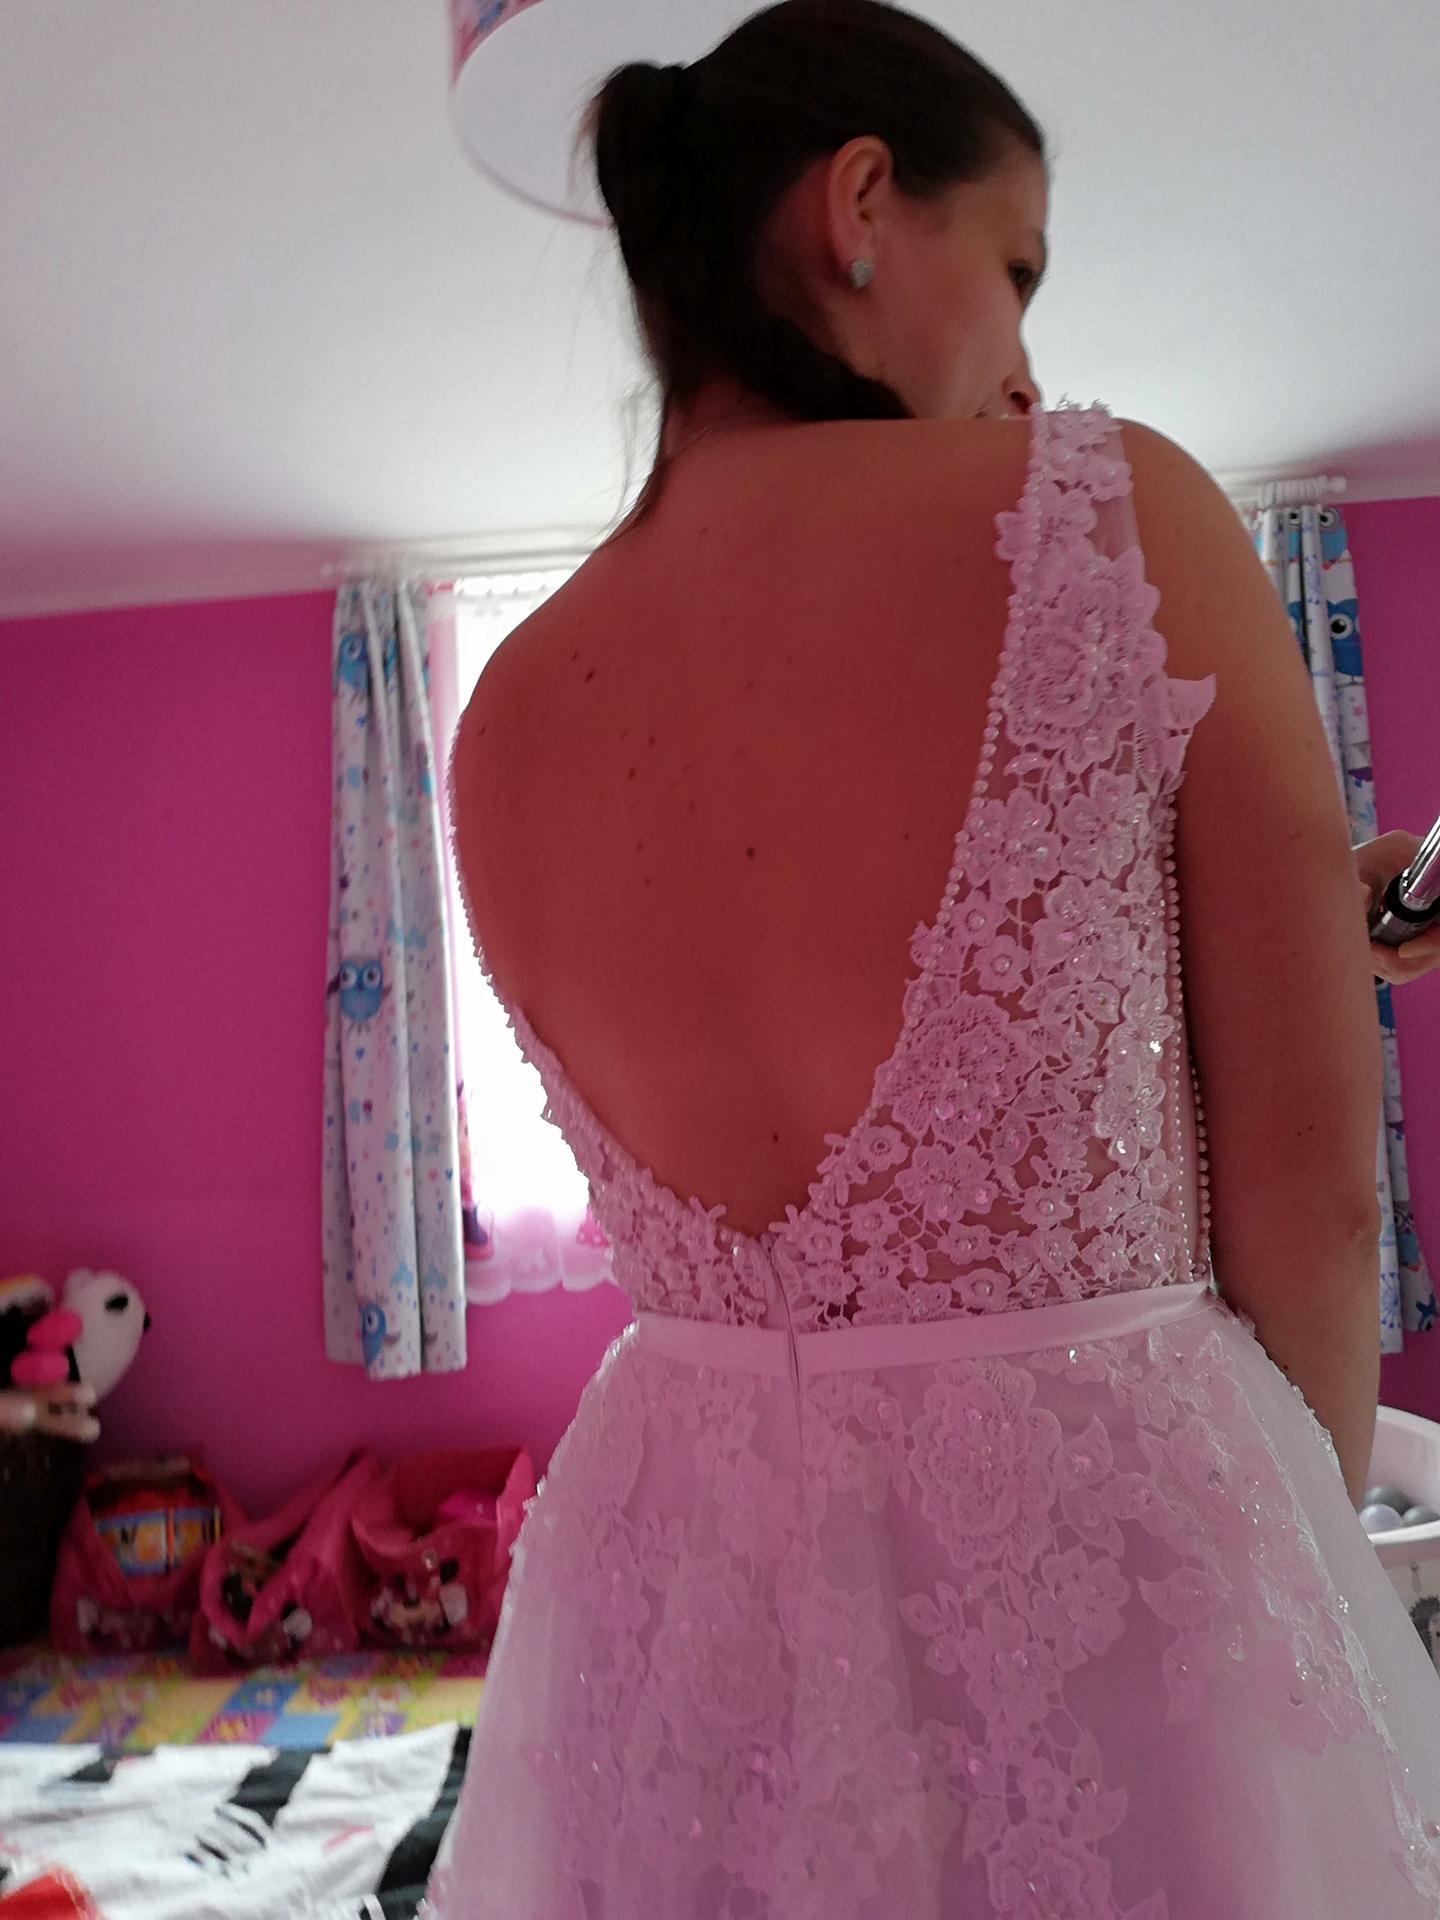 Mé šaty - Obrázek č. 3